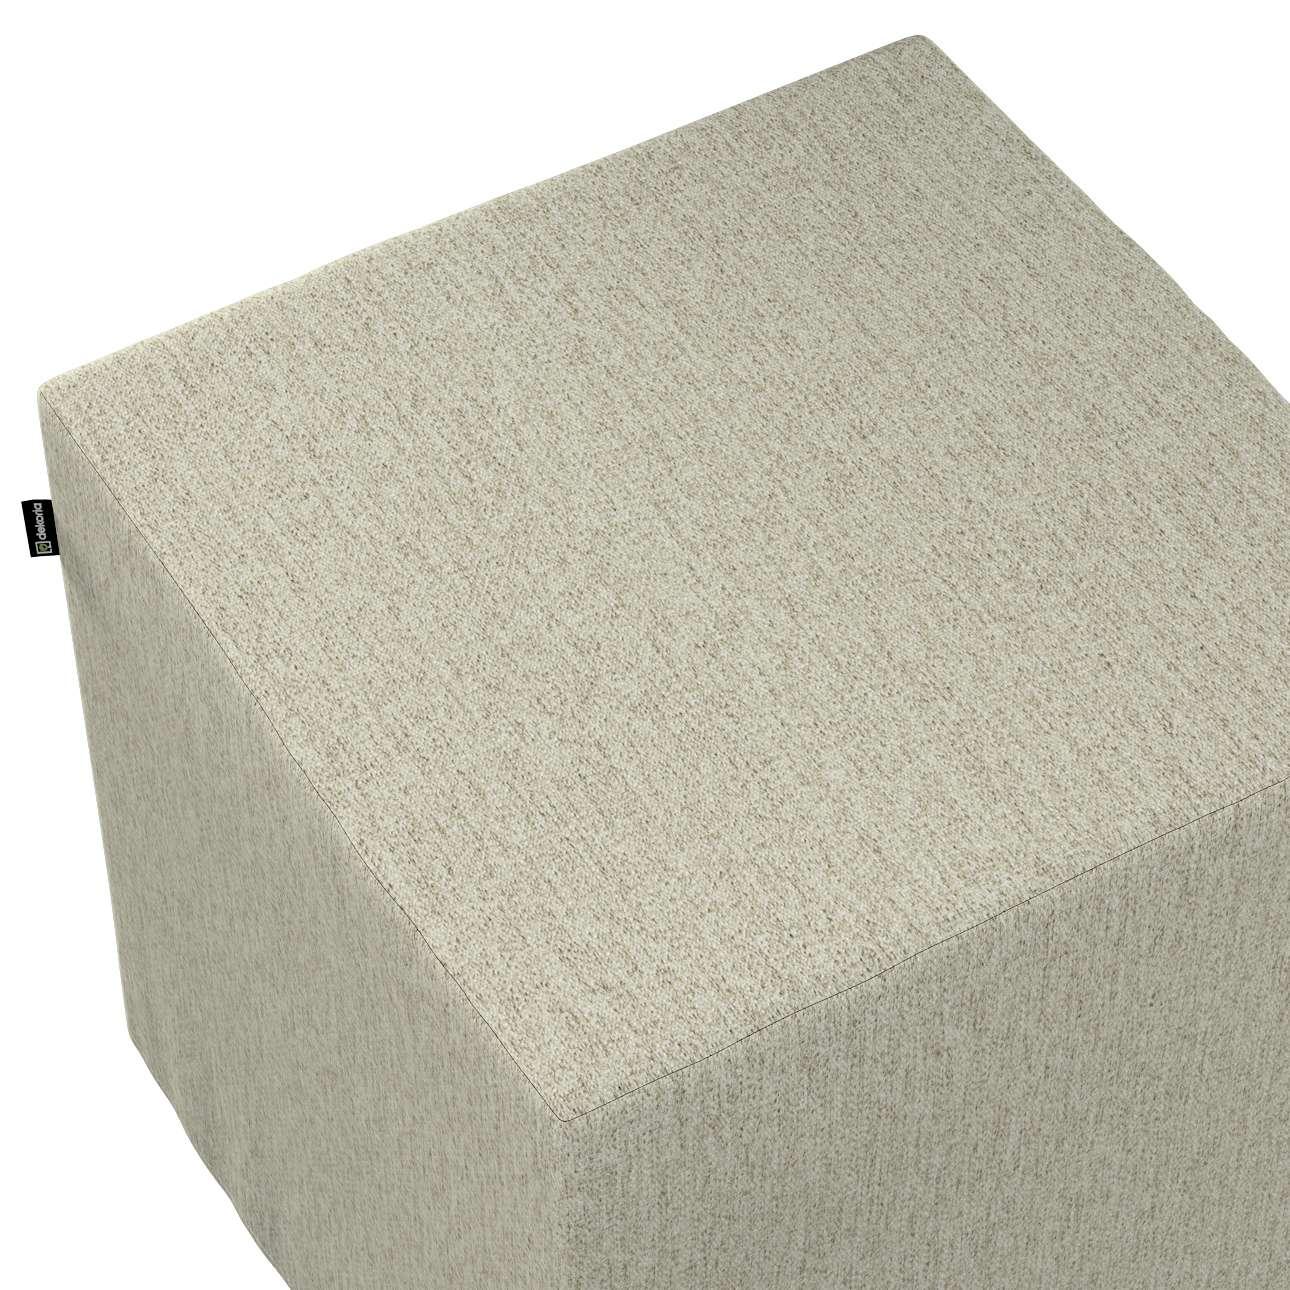 Sitzwürfel von der Kollektion Living, Stoff: 161-62